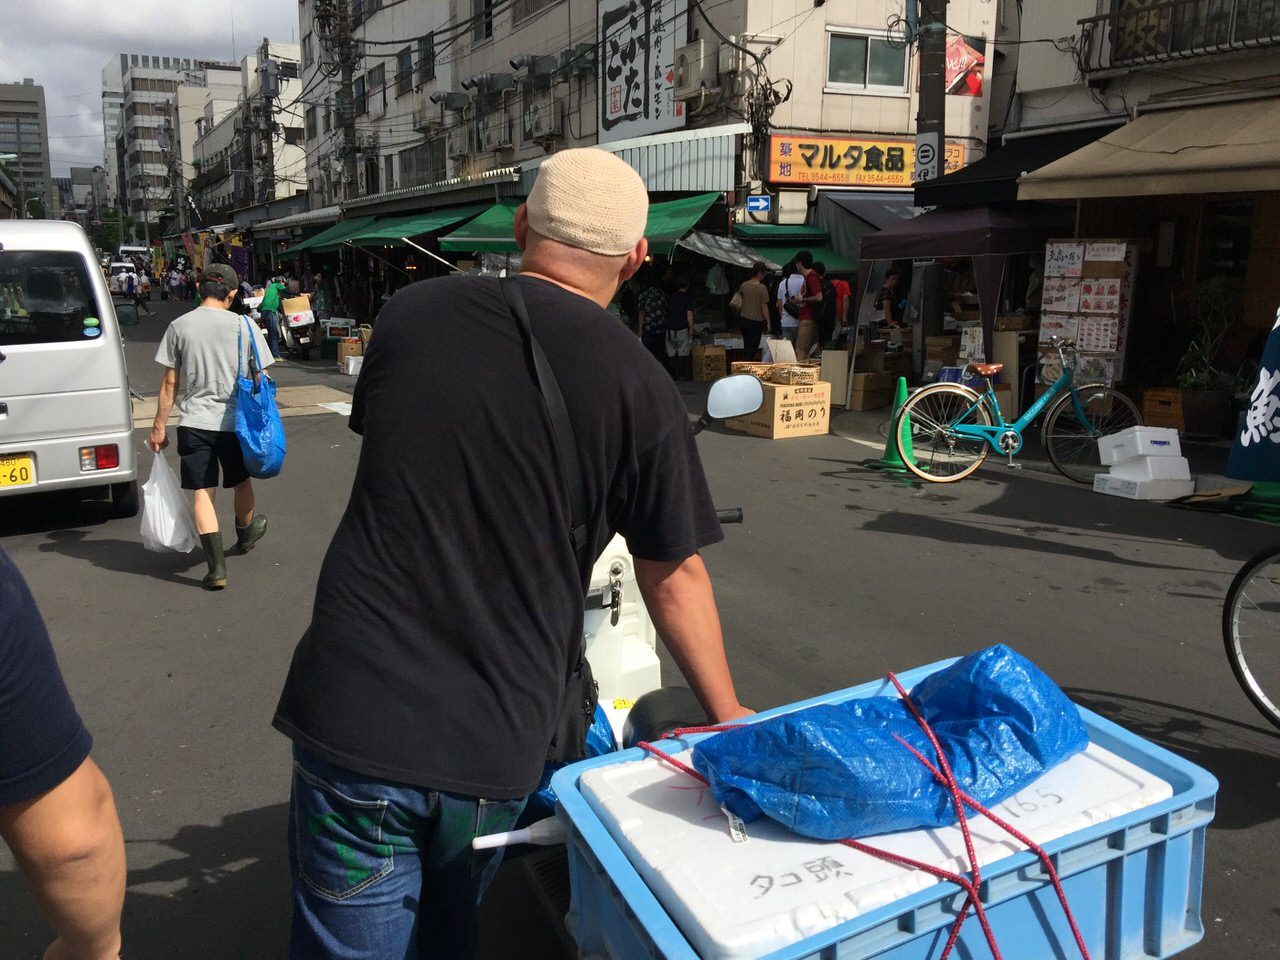 Kininaruki tsukiji 7235